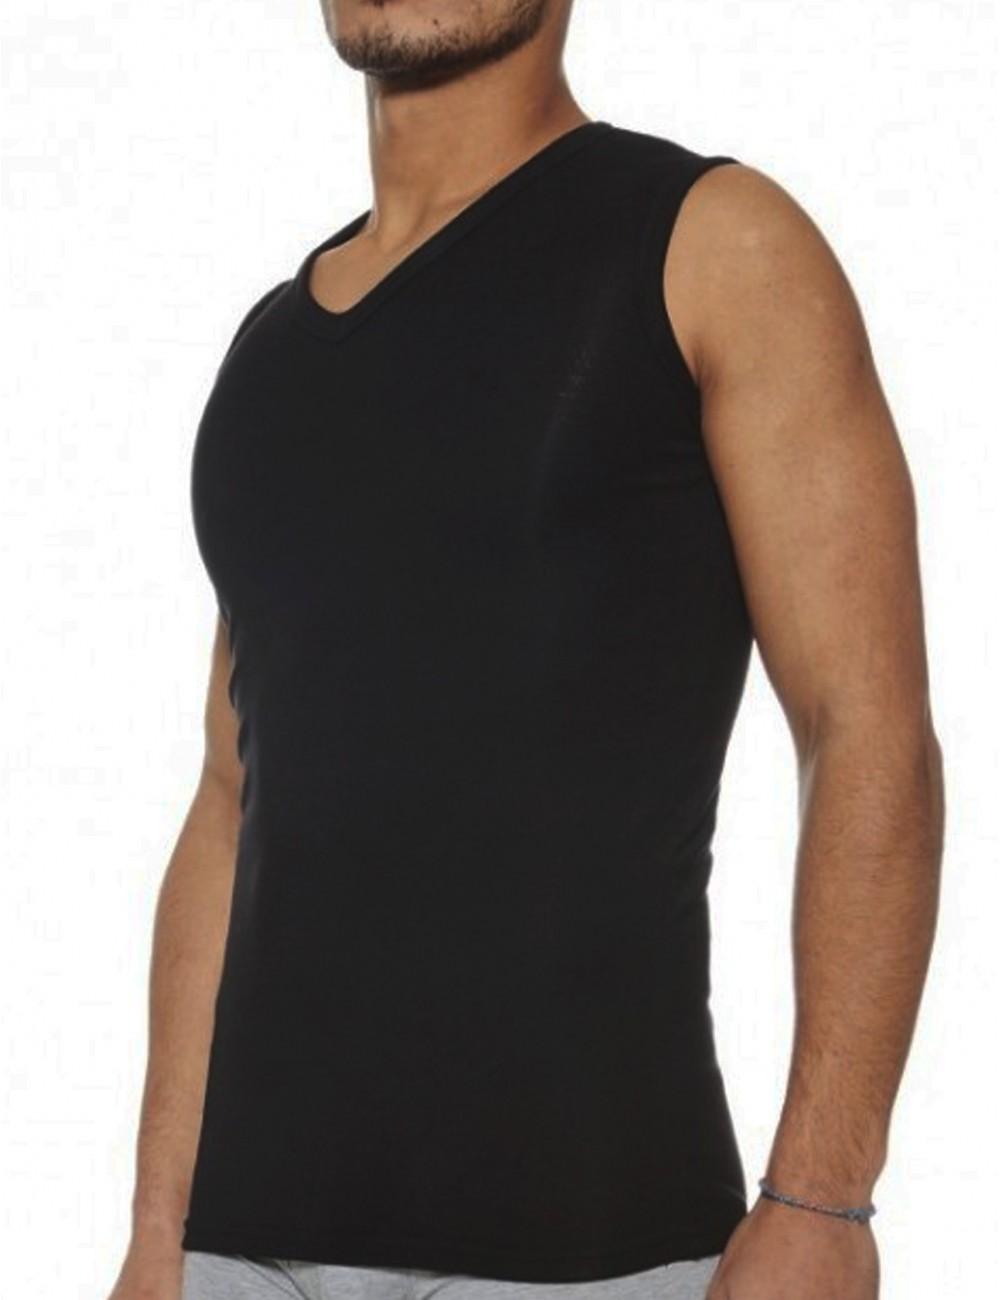 Ανδρικό Ισοθερμικό φανελάκι αθλητικό Αμάνικο V λαιμόκοψηΛευκό μαύρο